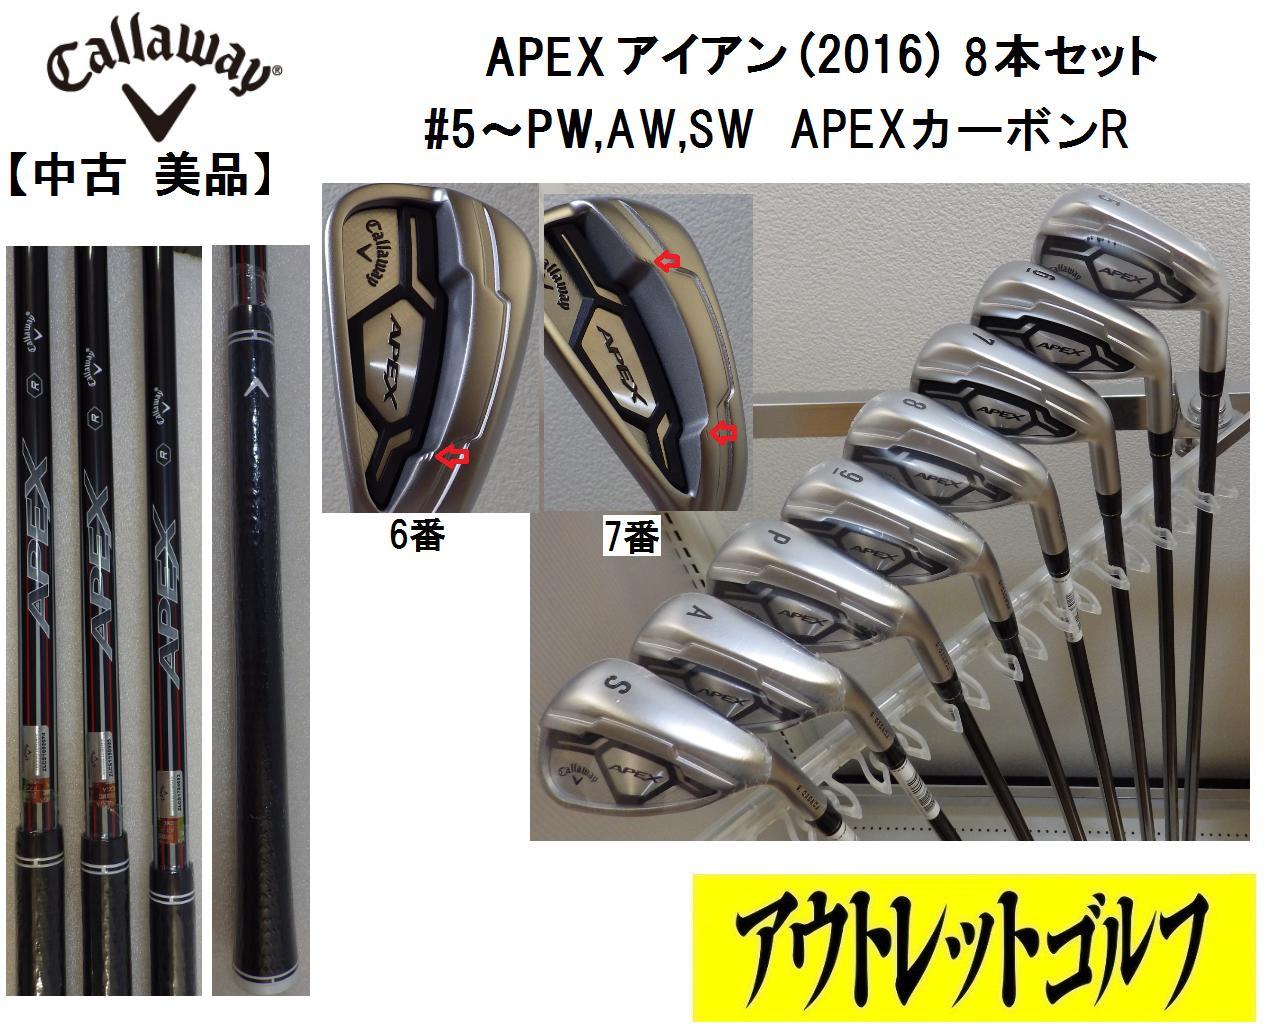 【 美品】キャロウェイ APEX(2016) #5~SW 8本セット APEXカーボンシャフト R 日本正規品(1117030020034)67 大人気のアイアンセットが大特価!